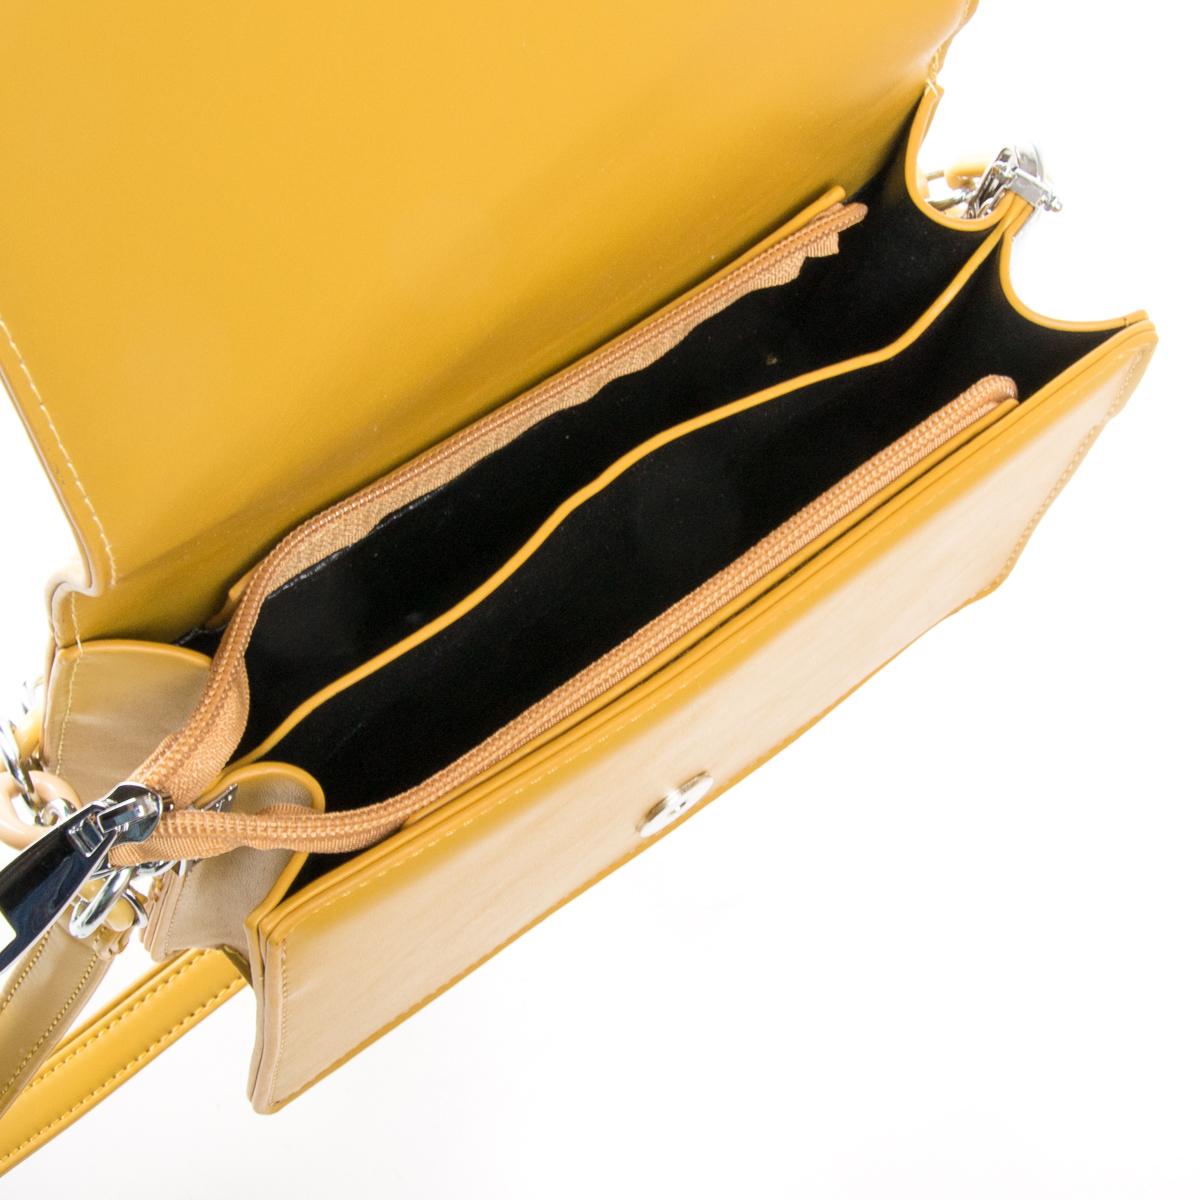 Сумка Женская Классическая иск-кожа FASHION 01-03 703 yellow - фото 5